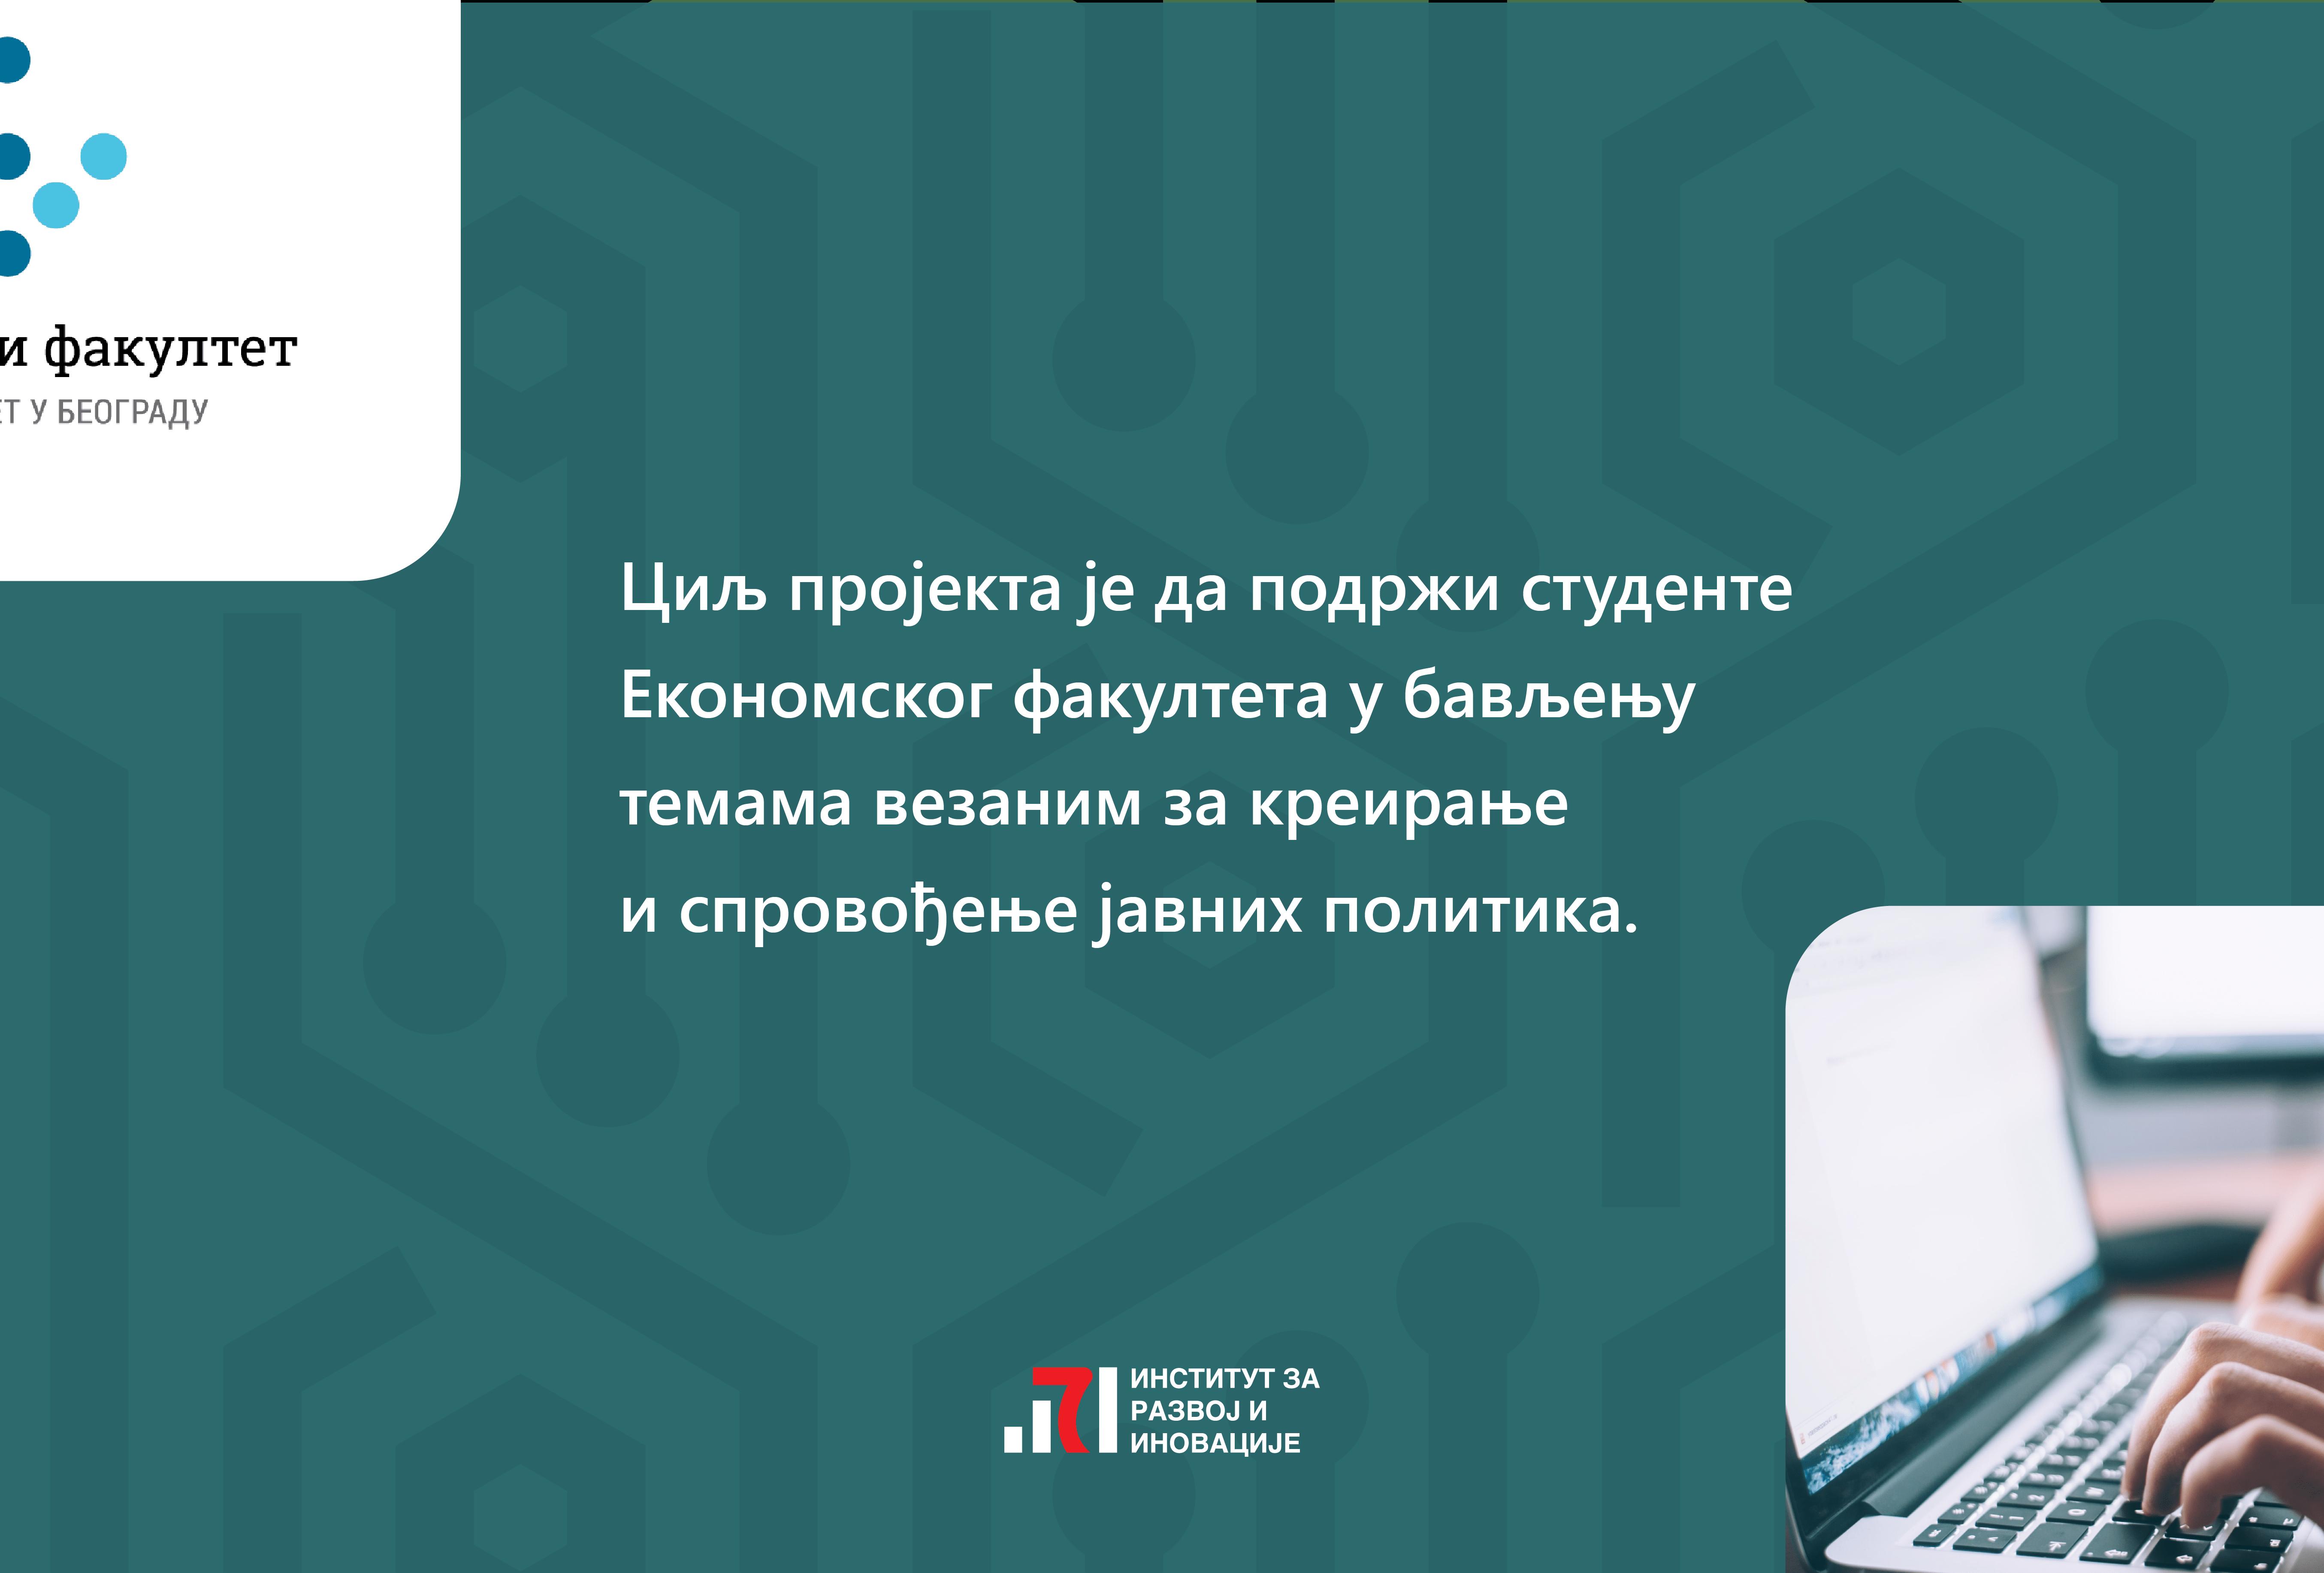 Projekat-03-min